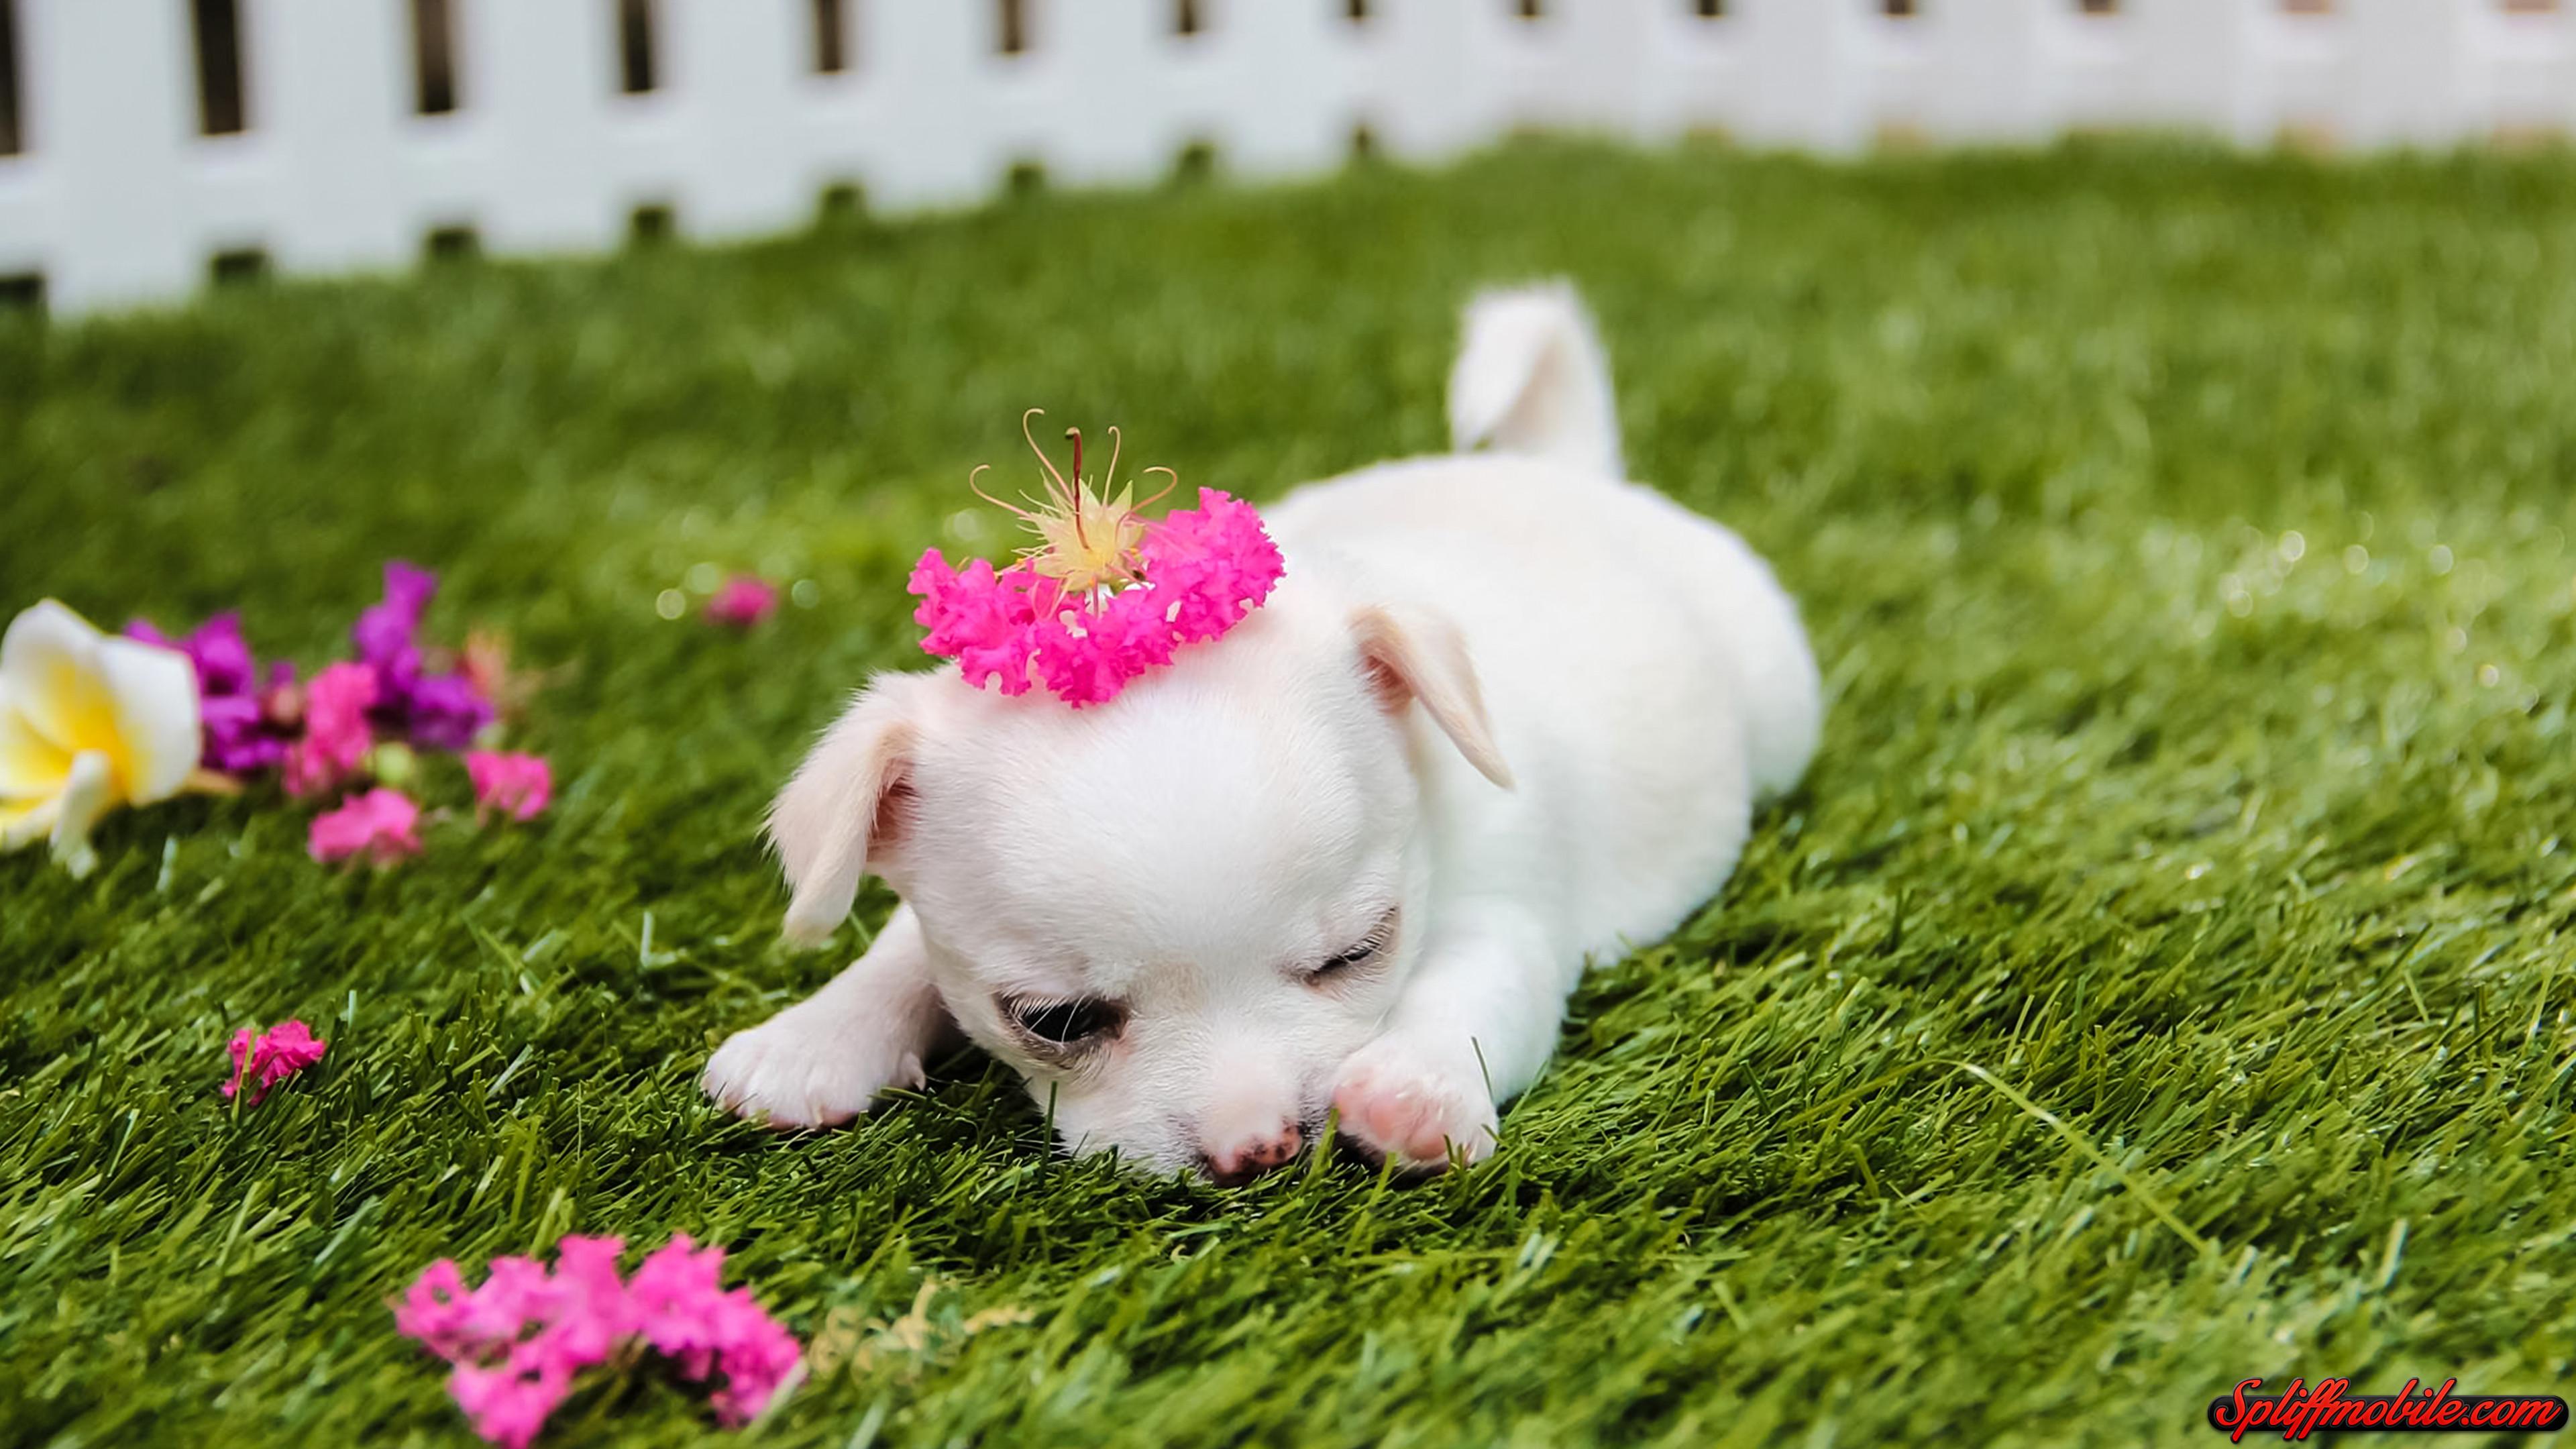 Best Puppy Wallpaper on HipWallpaper Cute Puppy Wallpaper